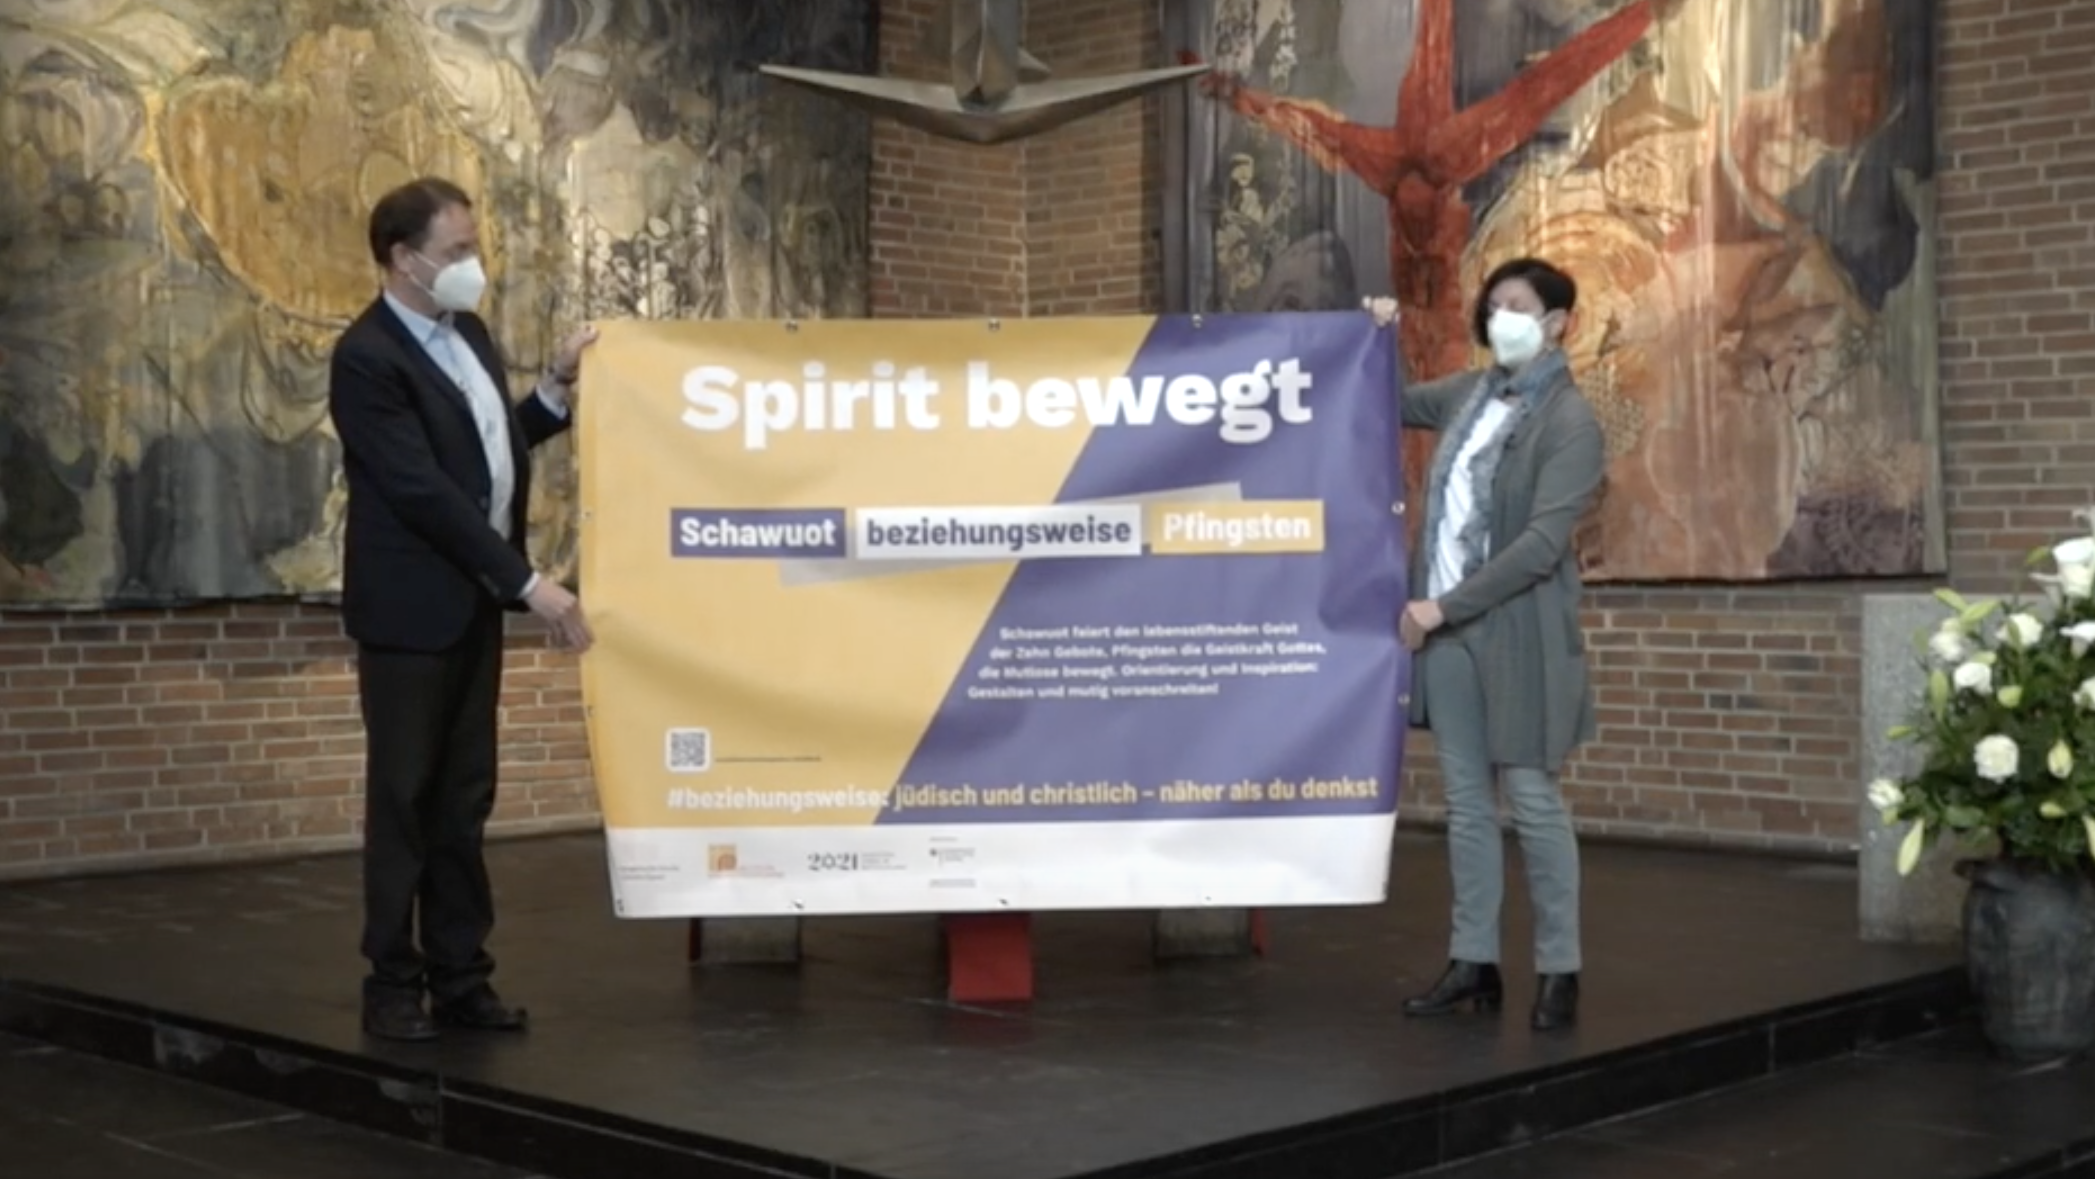 """""""Wir sind als Synode an der Seite der jüdischen Mitmenschen"""" – Nachrichten von der Frühjahrssynode 2021 des Kirchenkreises Köln-Süd"""